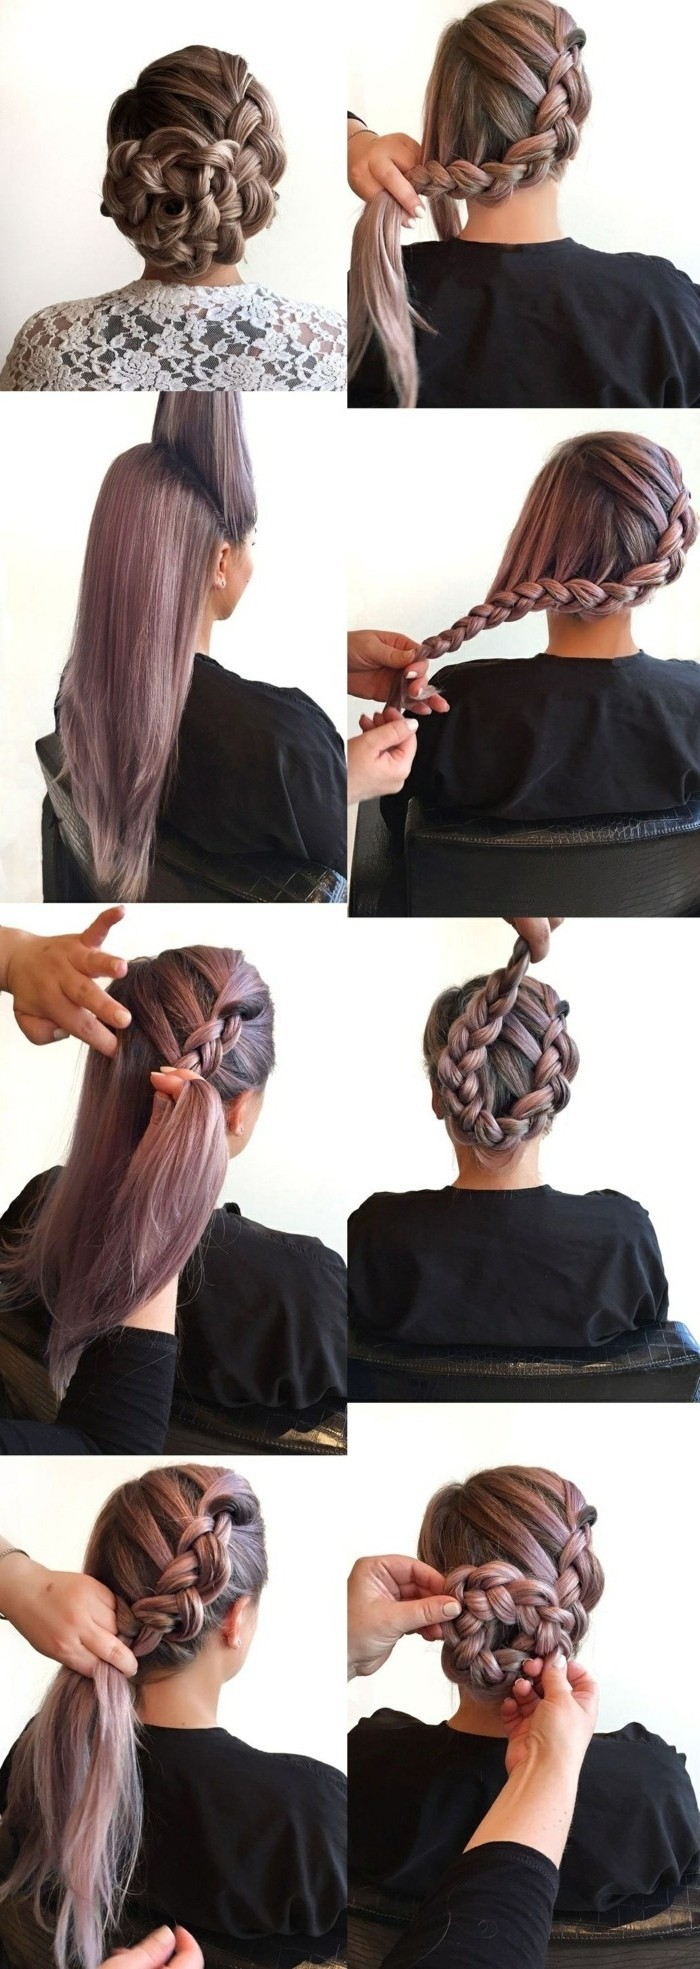 tresse de côté volumineuse transformé en chignon tressé, coiffure élégante et originale sur cheveux colorés en violet